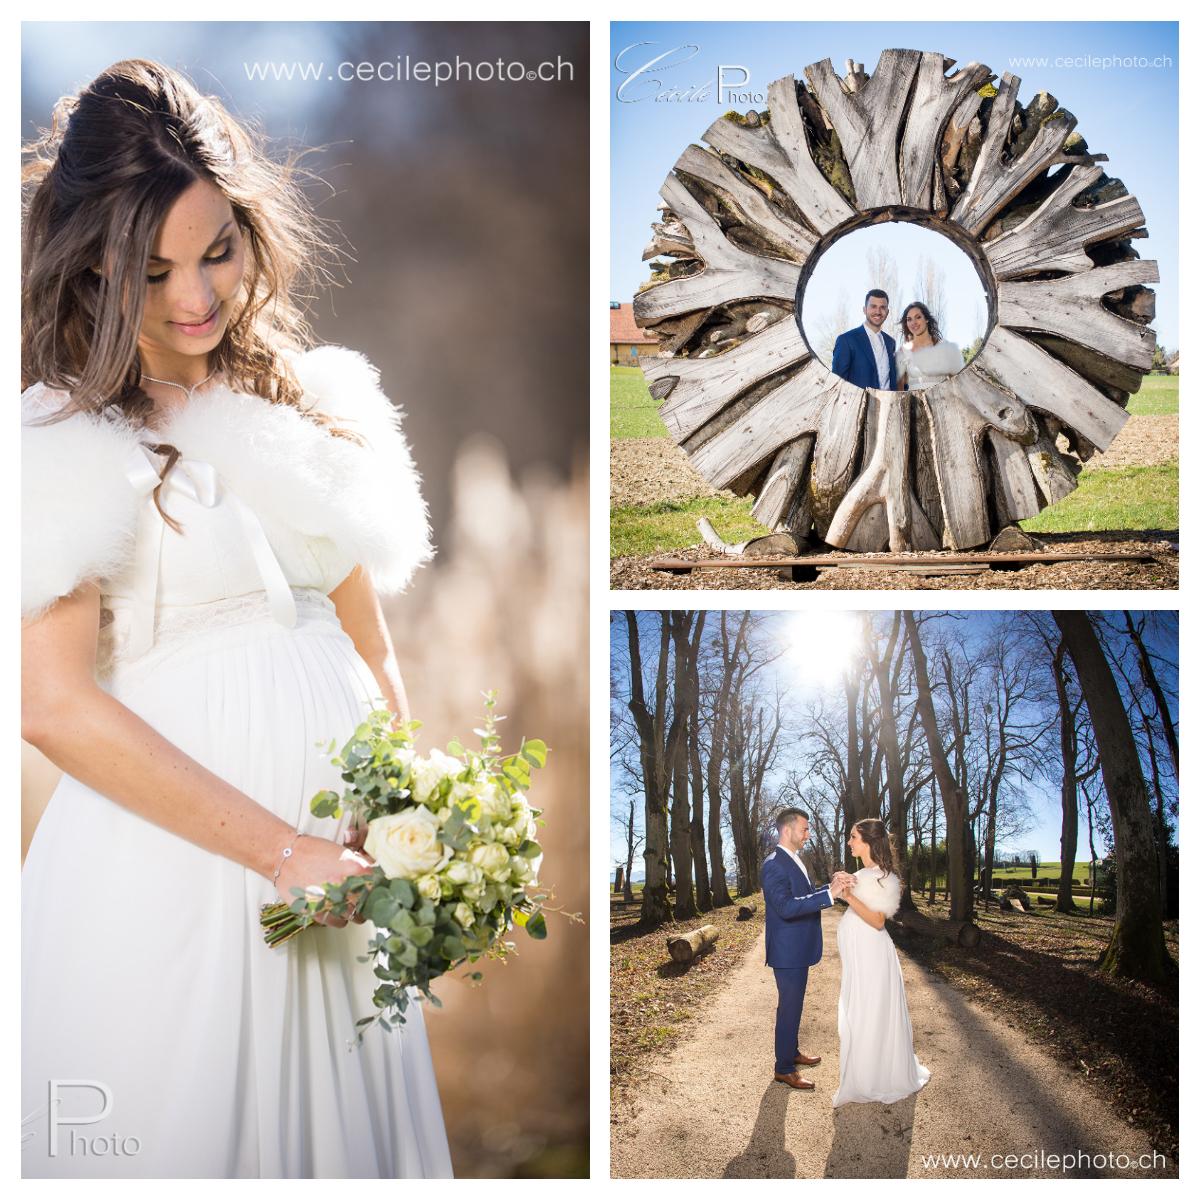 Cecile photo - 10 bonnes raisons de vous marier au printemps!